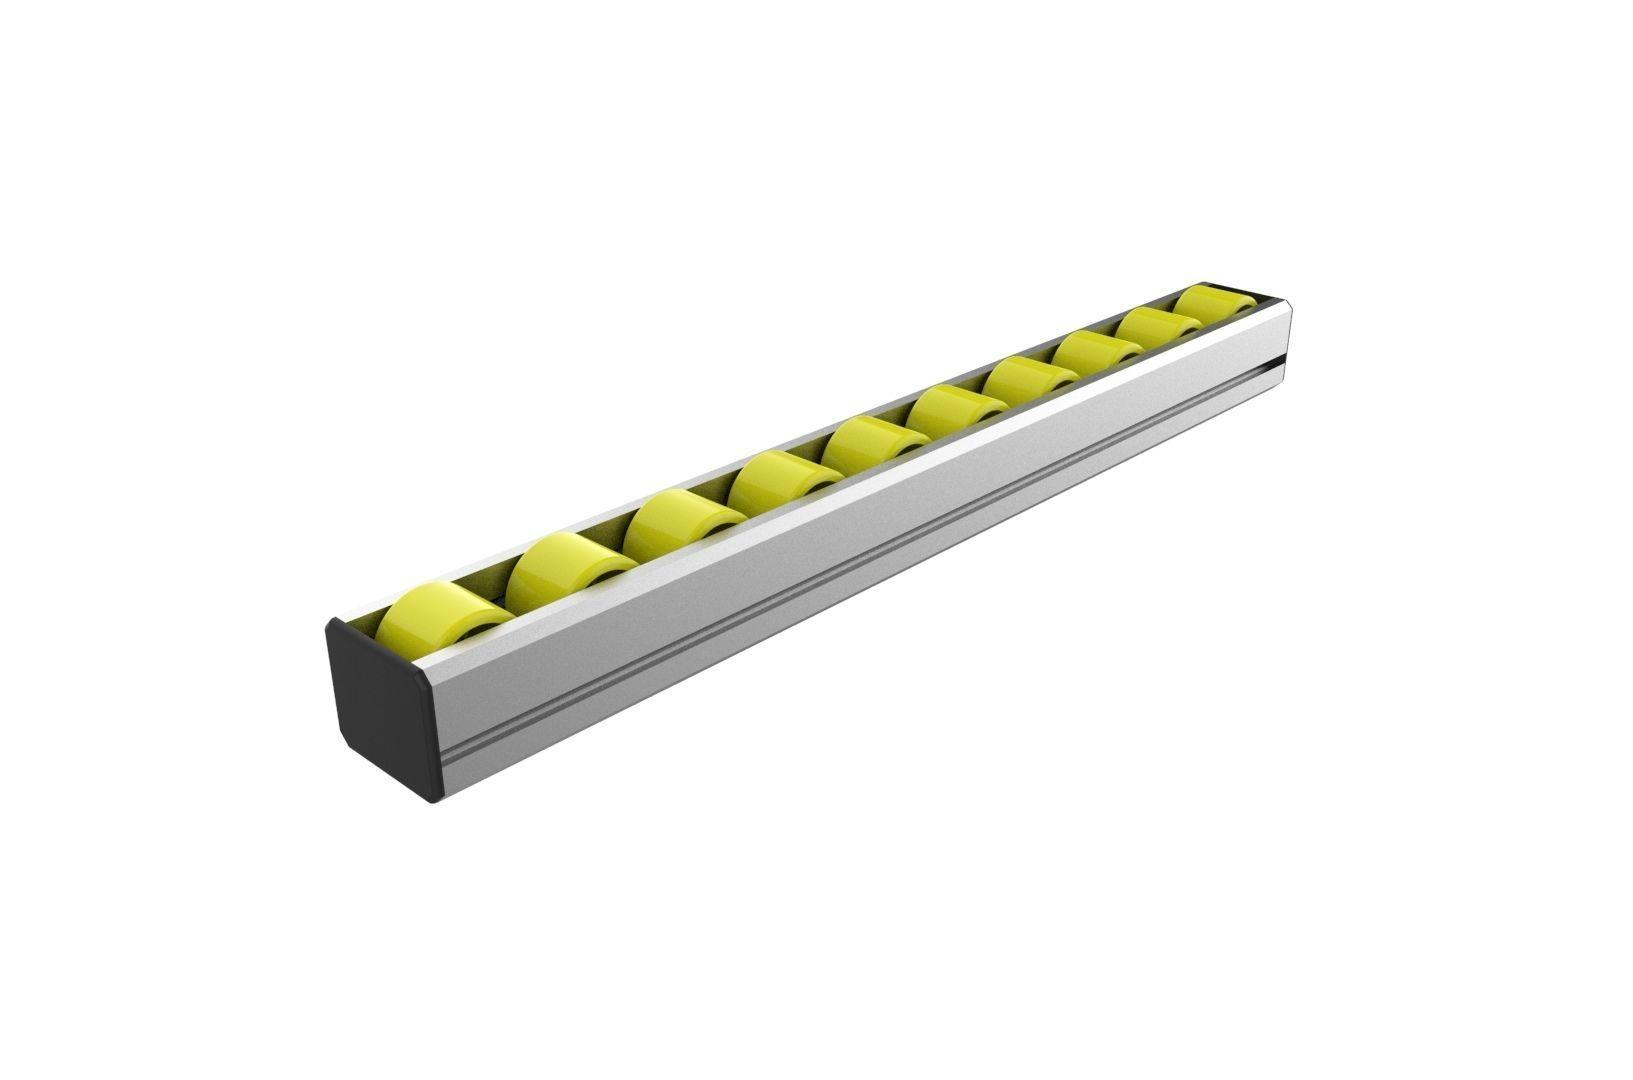 Industrial roller slide